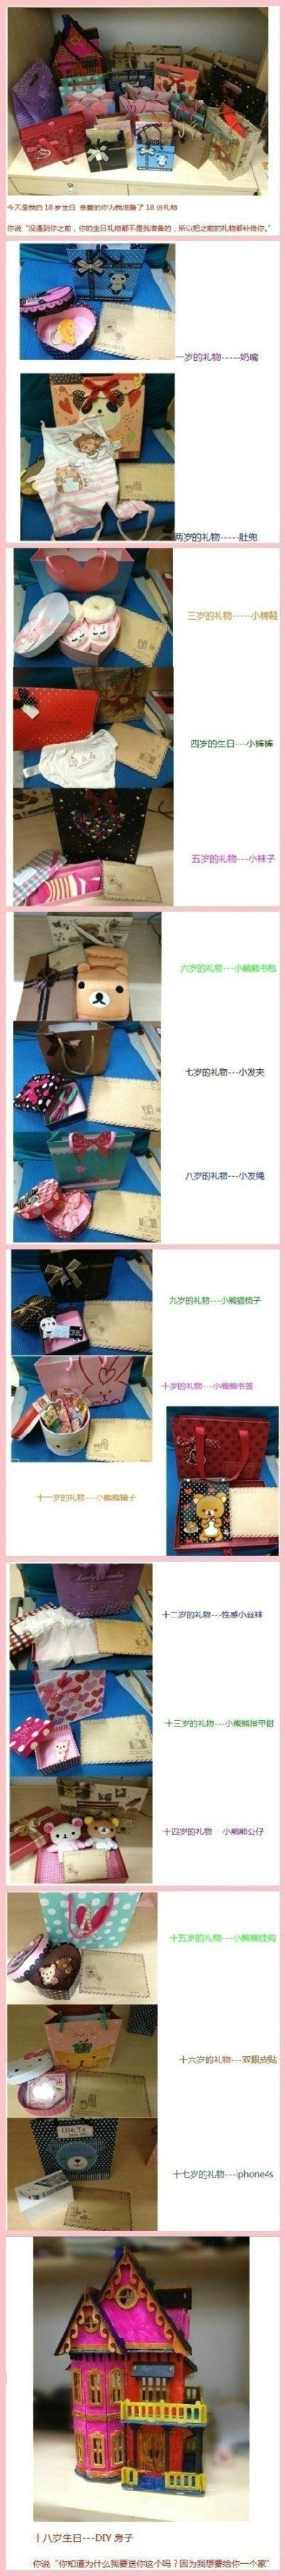 一个女生的十八岁生日,男朋友送的礼物从一岁补到十八岁~